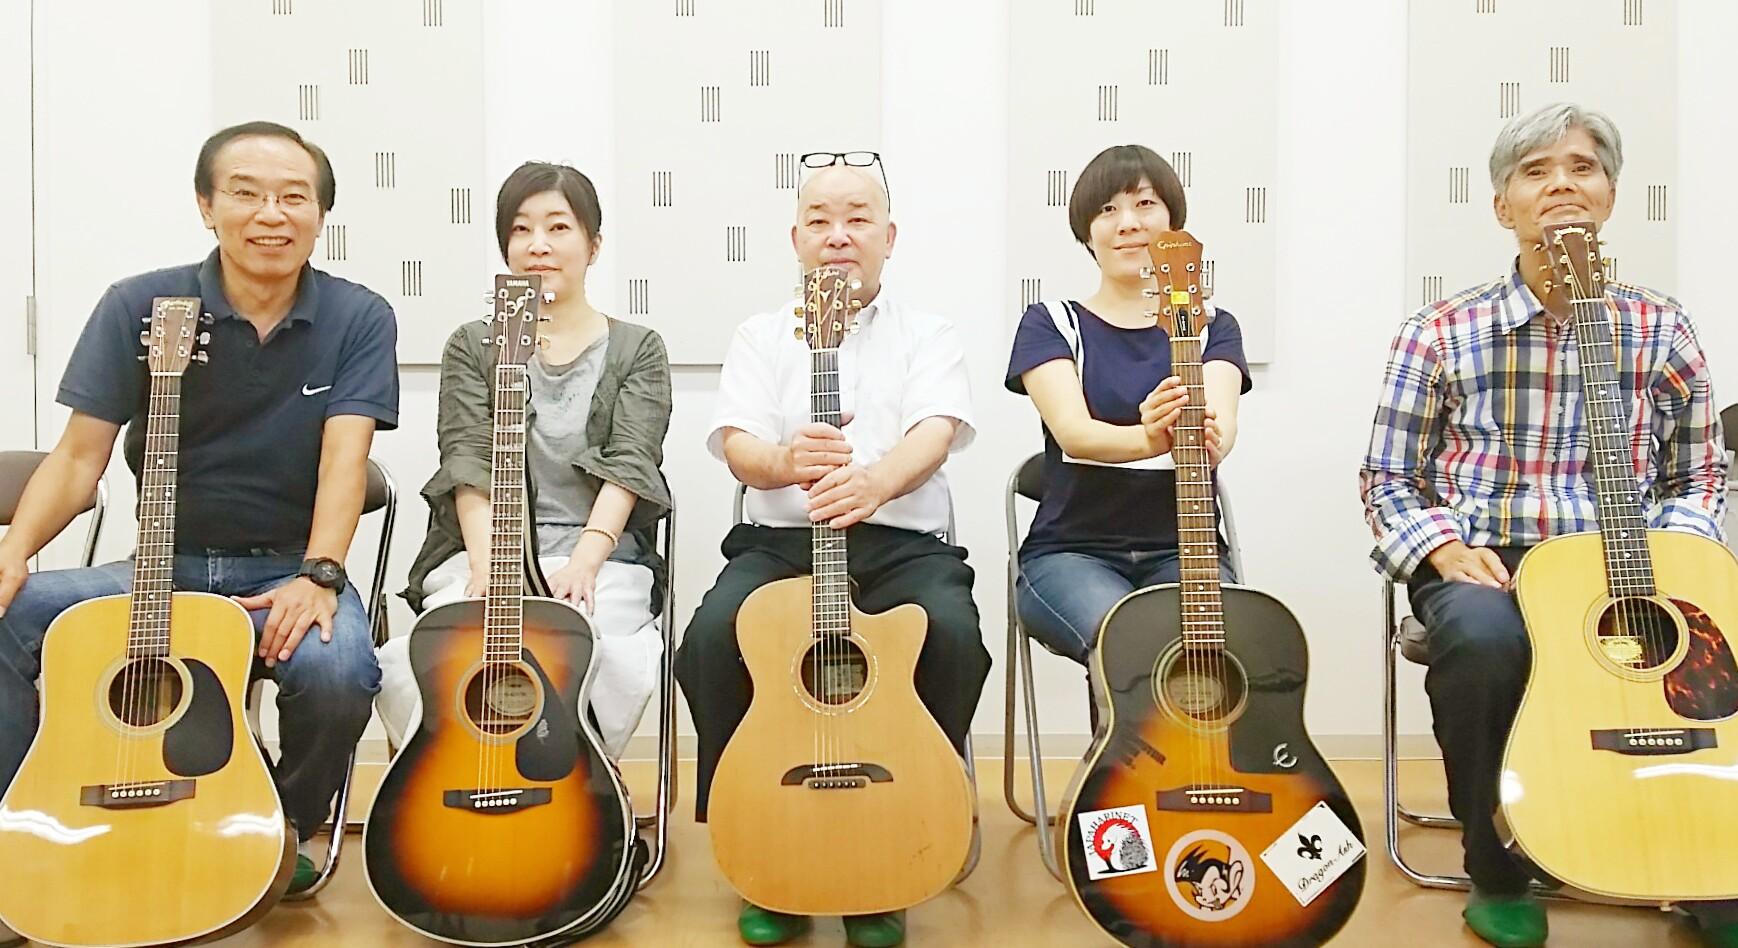 体験:まる先生のフォークギター・1日体験教室 4月2日他